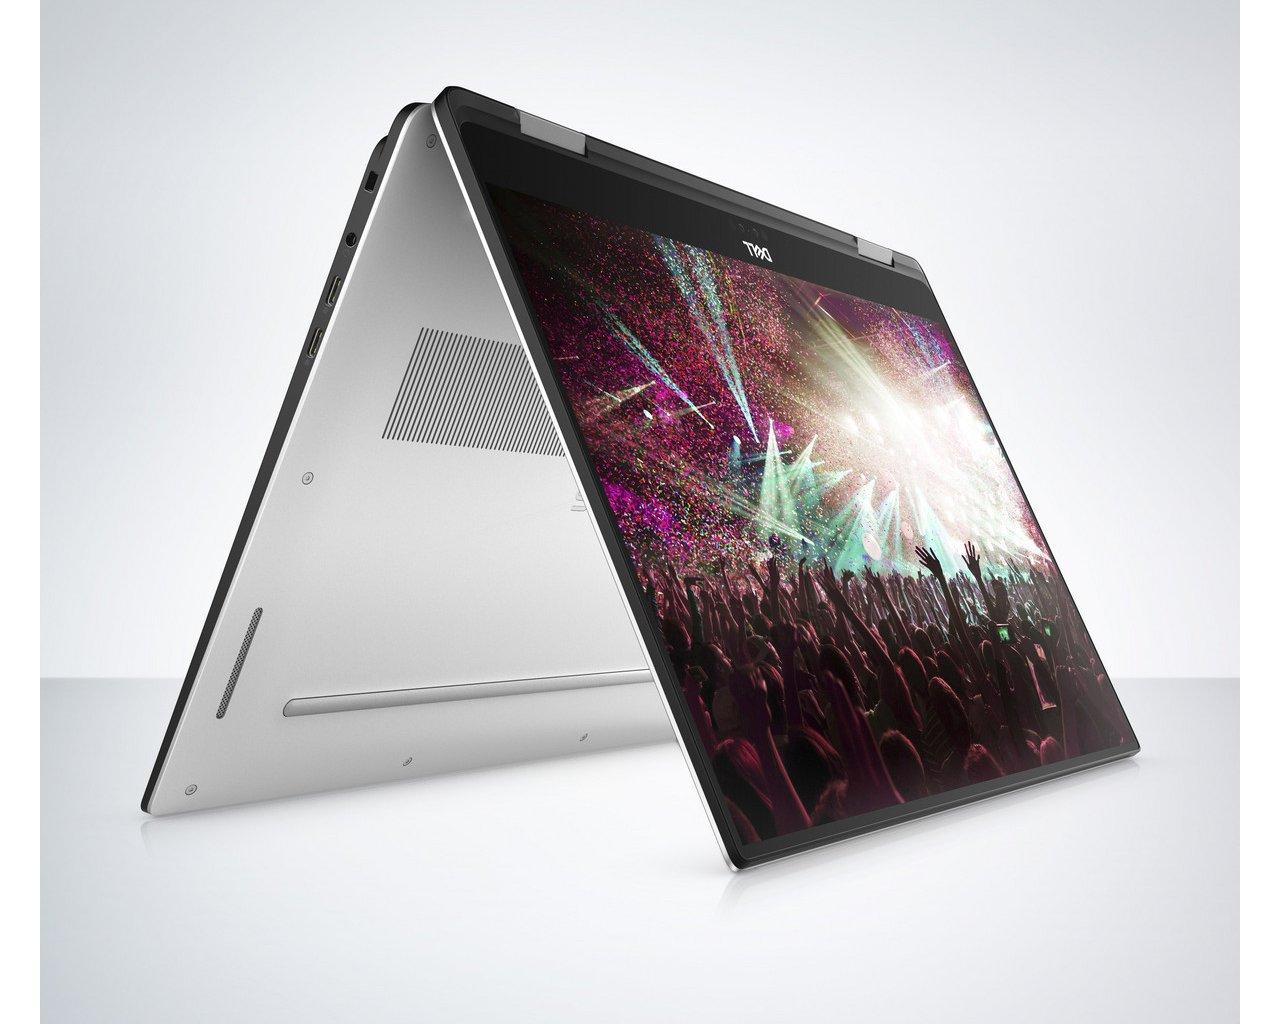 Офис, игры, сложные программы обзор ноутбуков, которые потянут все - Dell XPS 15 9575